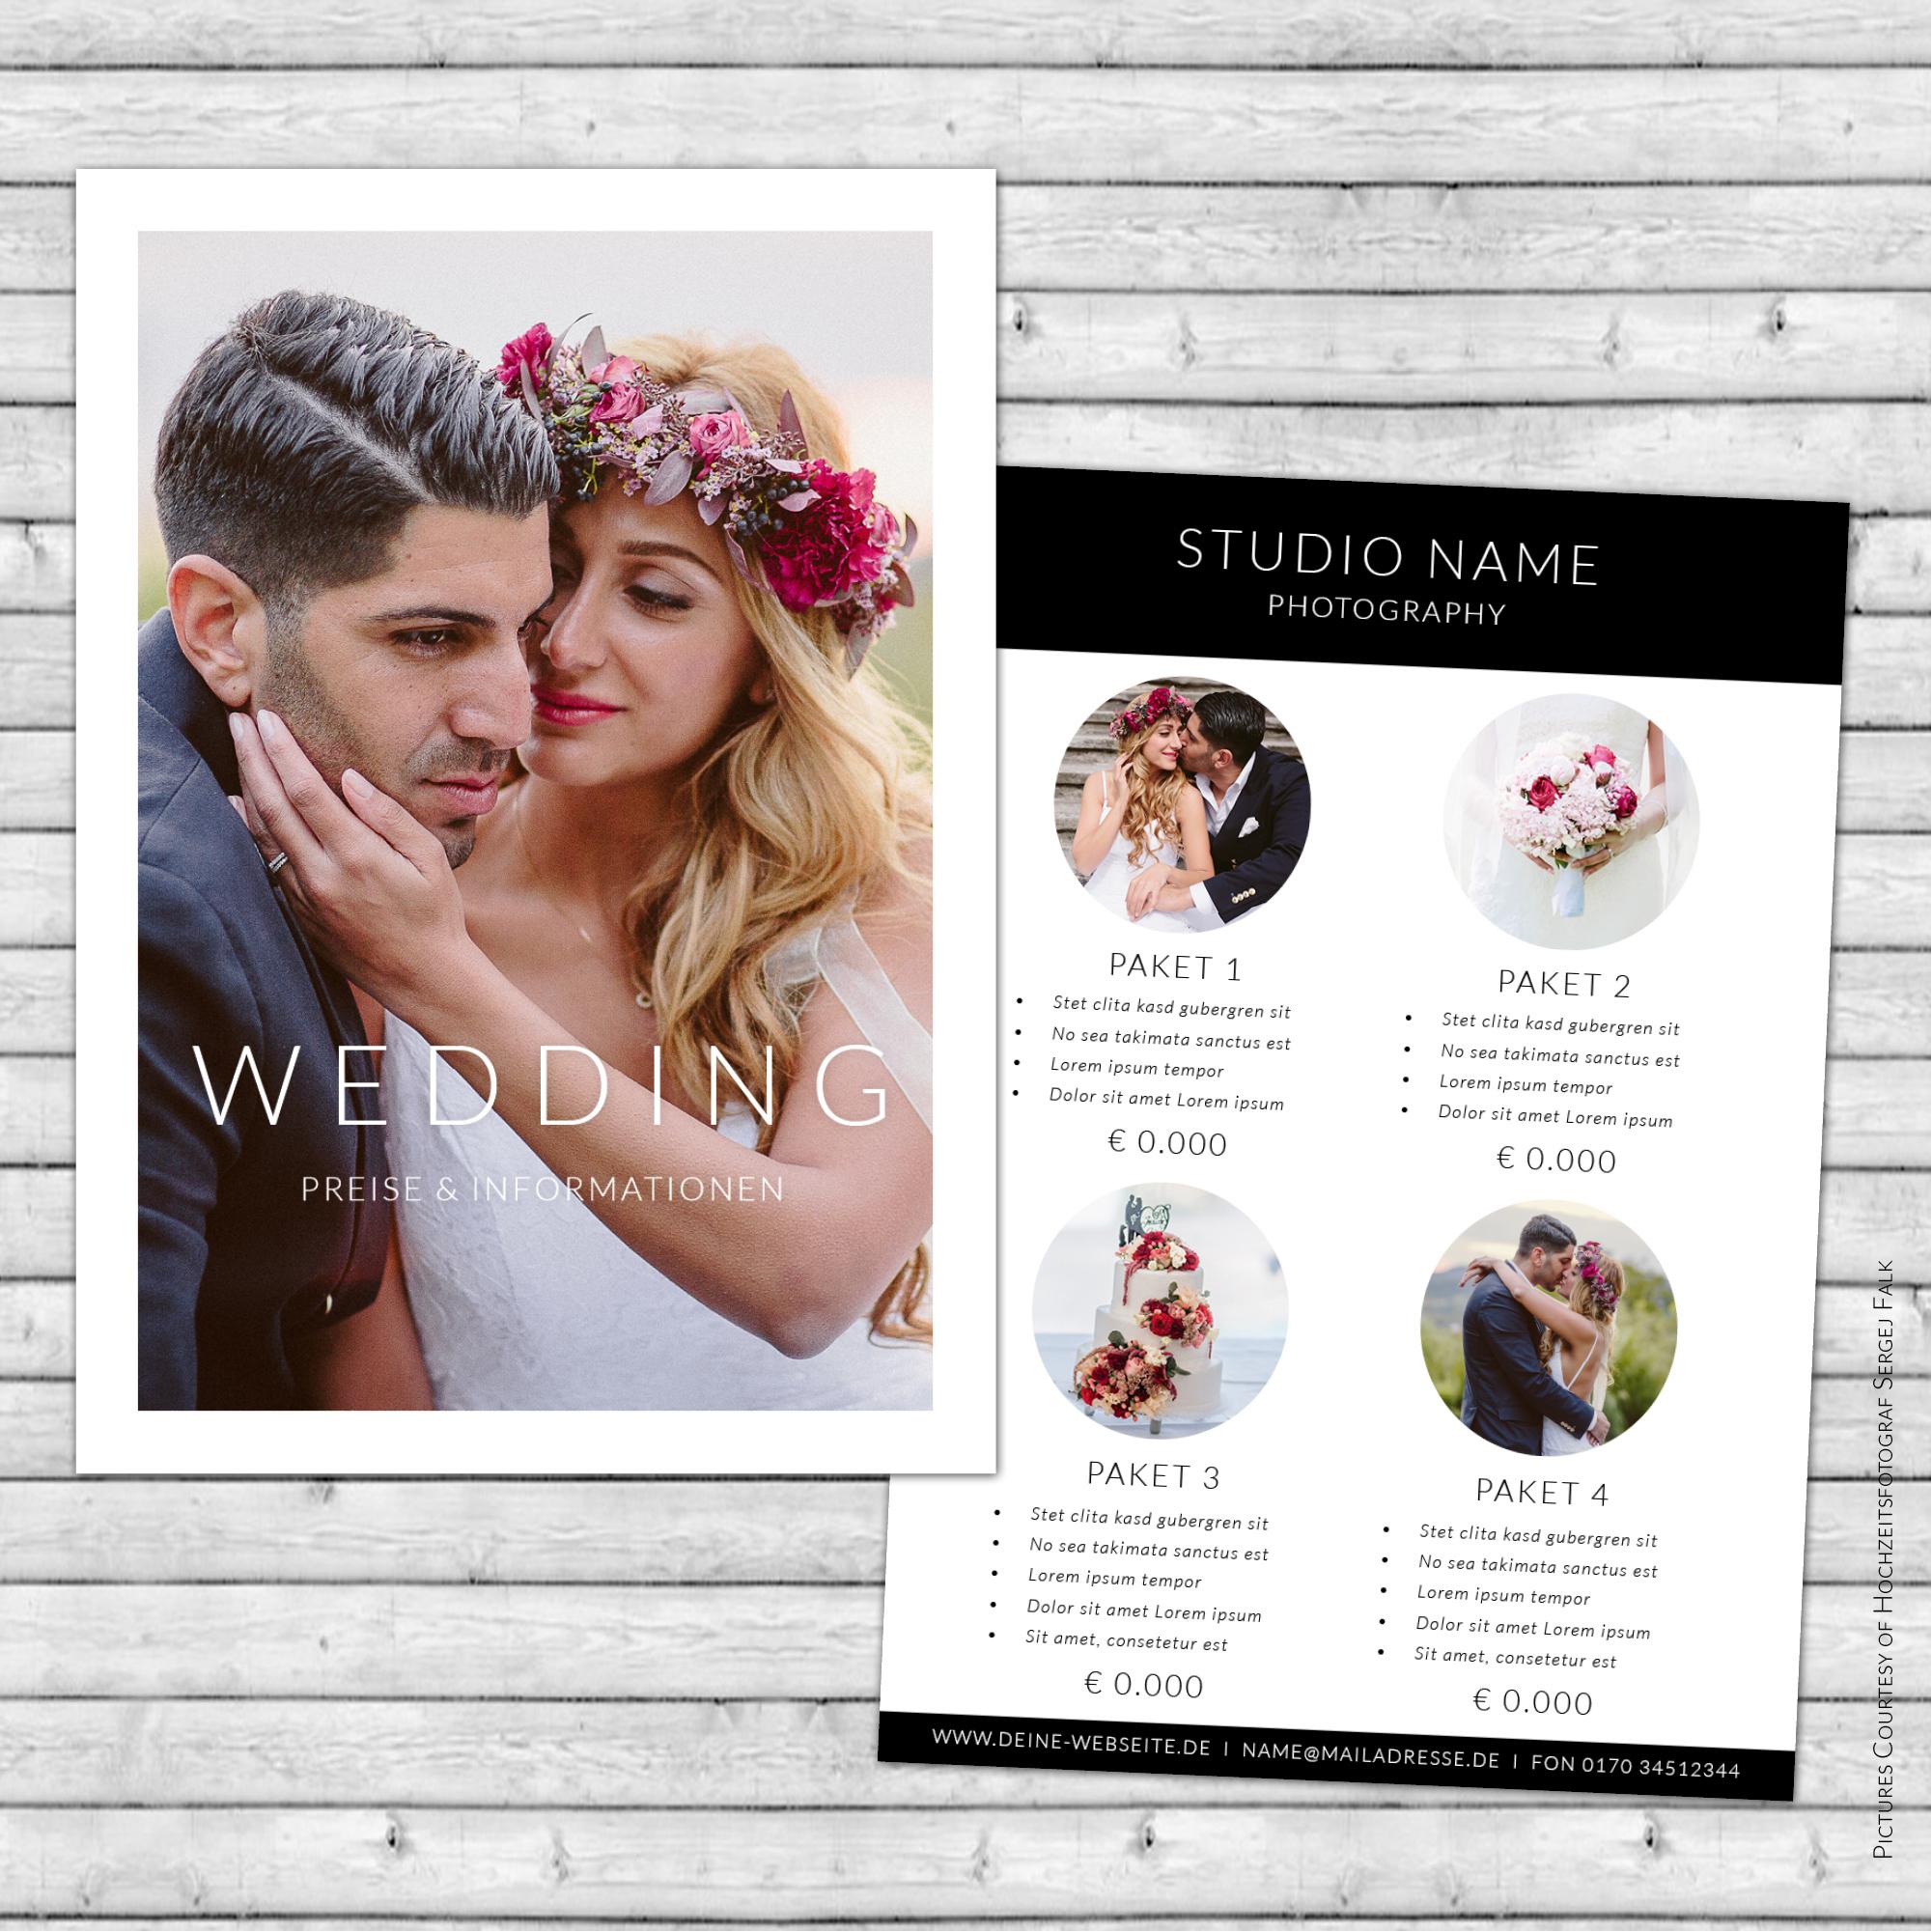 Digitales Flyer Template für InDesign   DIN A 5   2 Seiten   F01